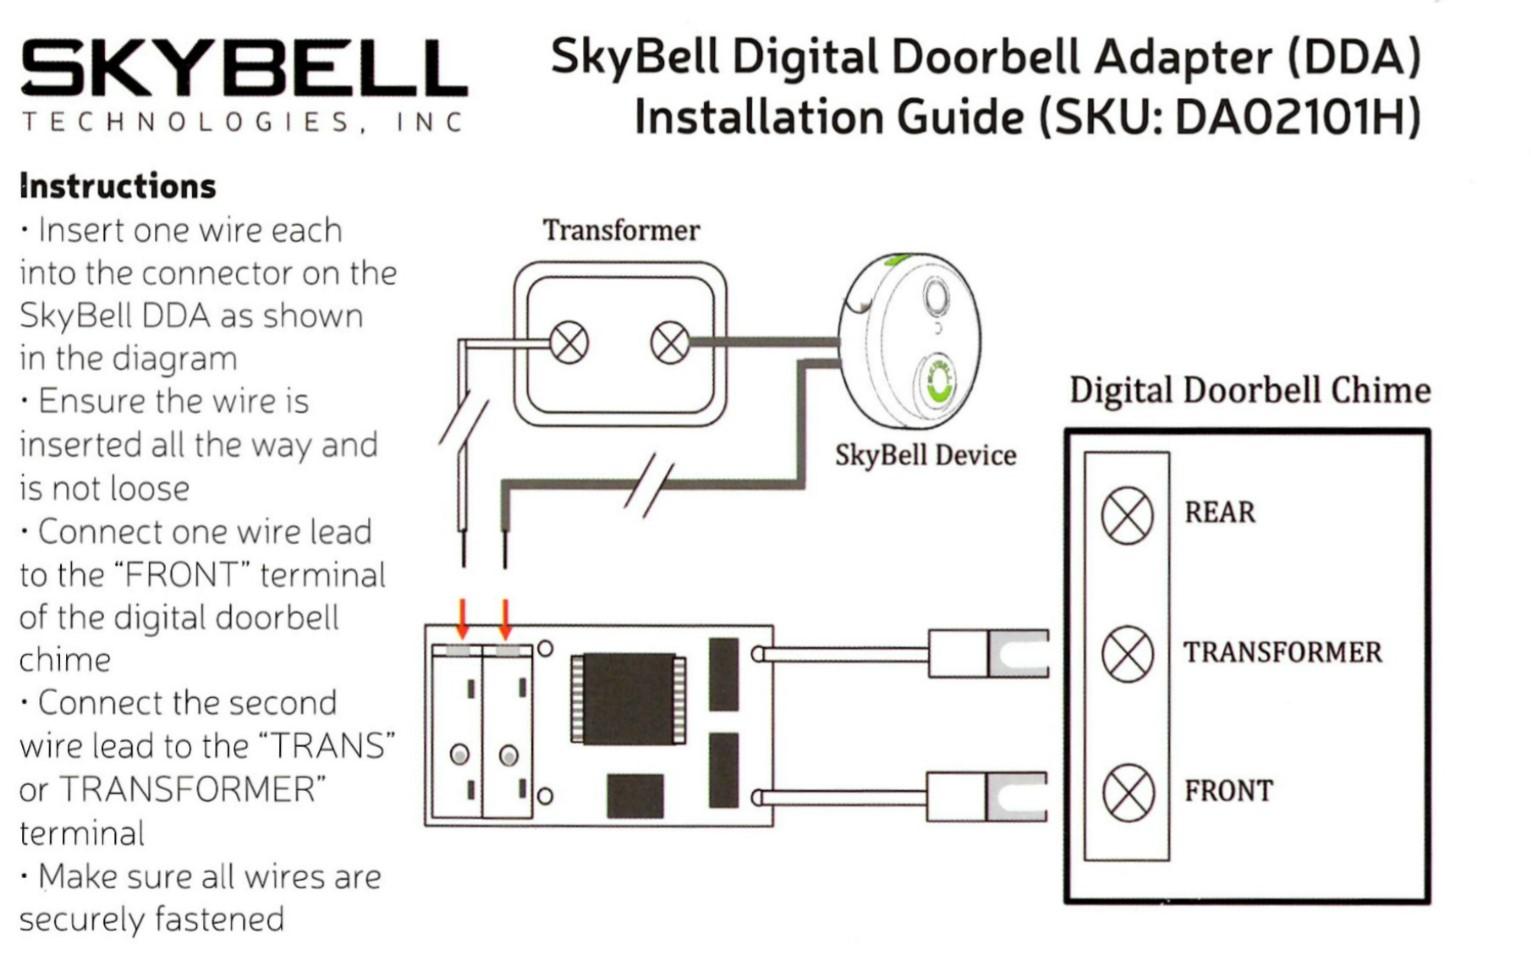 Skybell Digital Doorbell Adapter